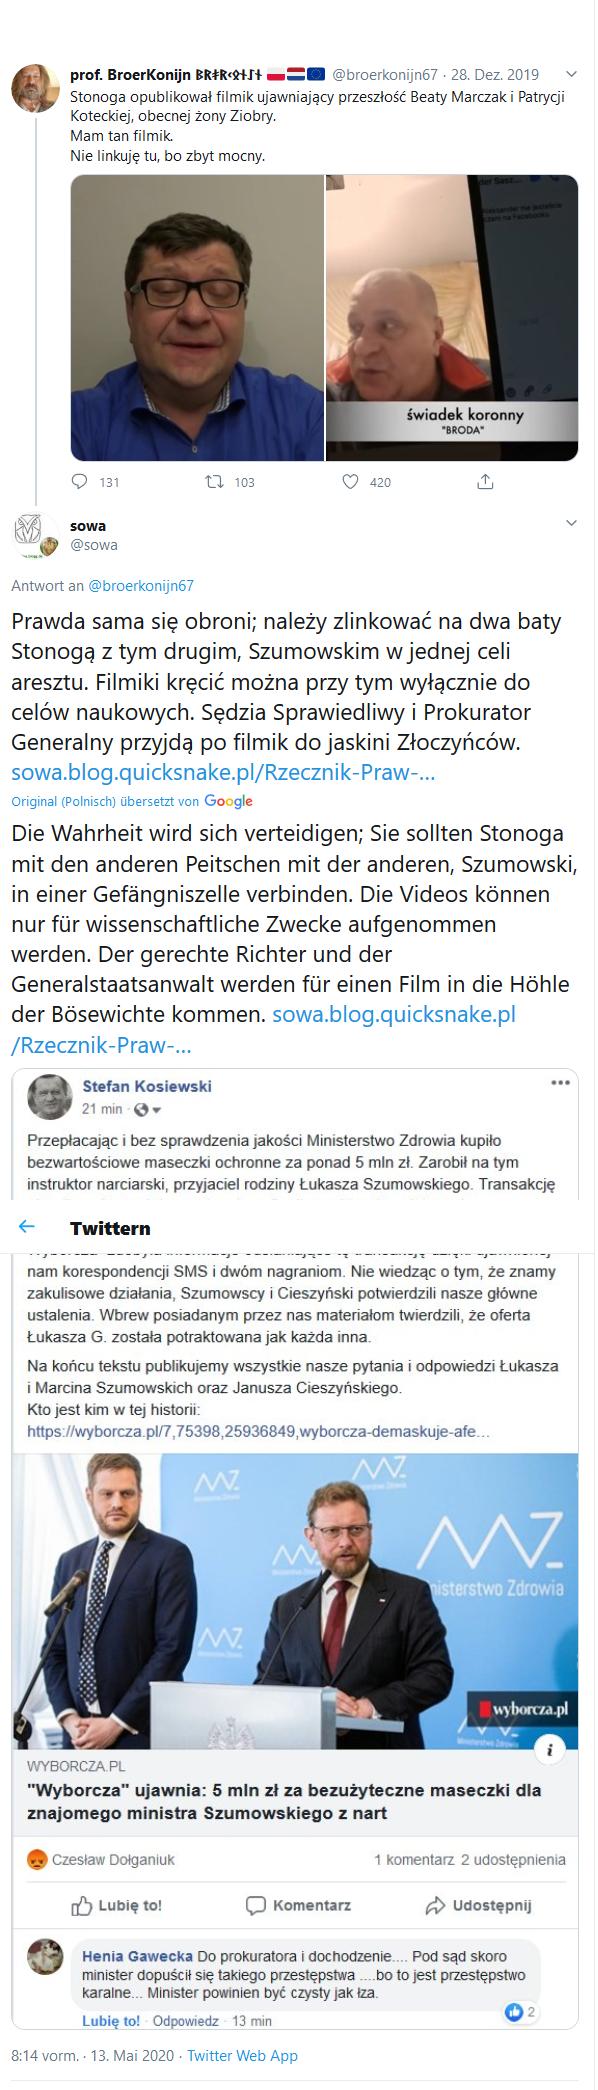 Screenshot_2020-05-13 (1) sowa auf Twitter broerkonijn67 Prawda sama się obroni; należy zlinkować na dwa baty Stonogą z tym[...]